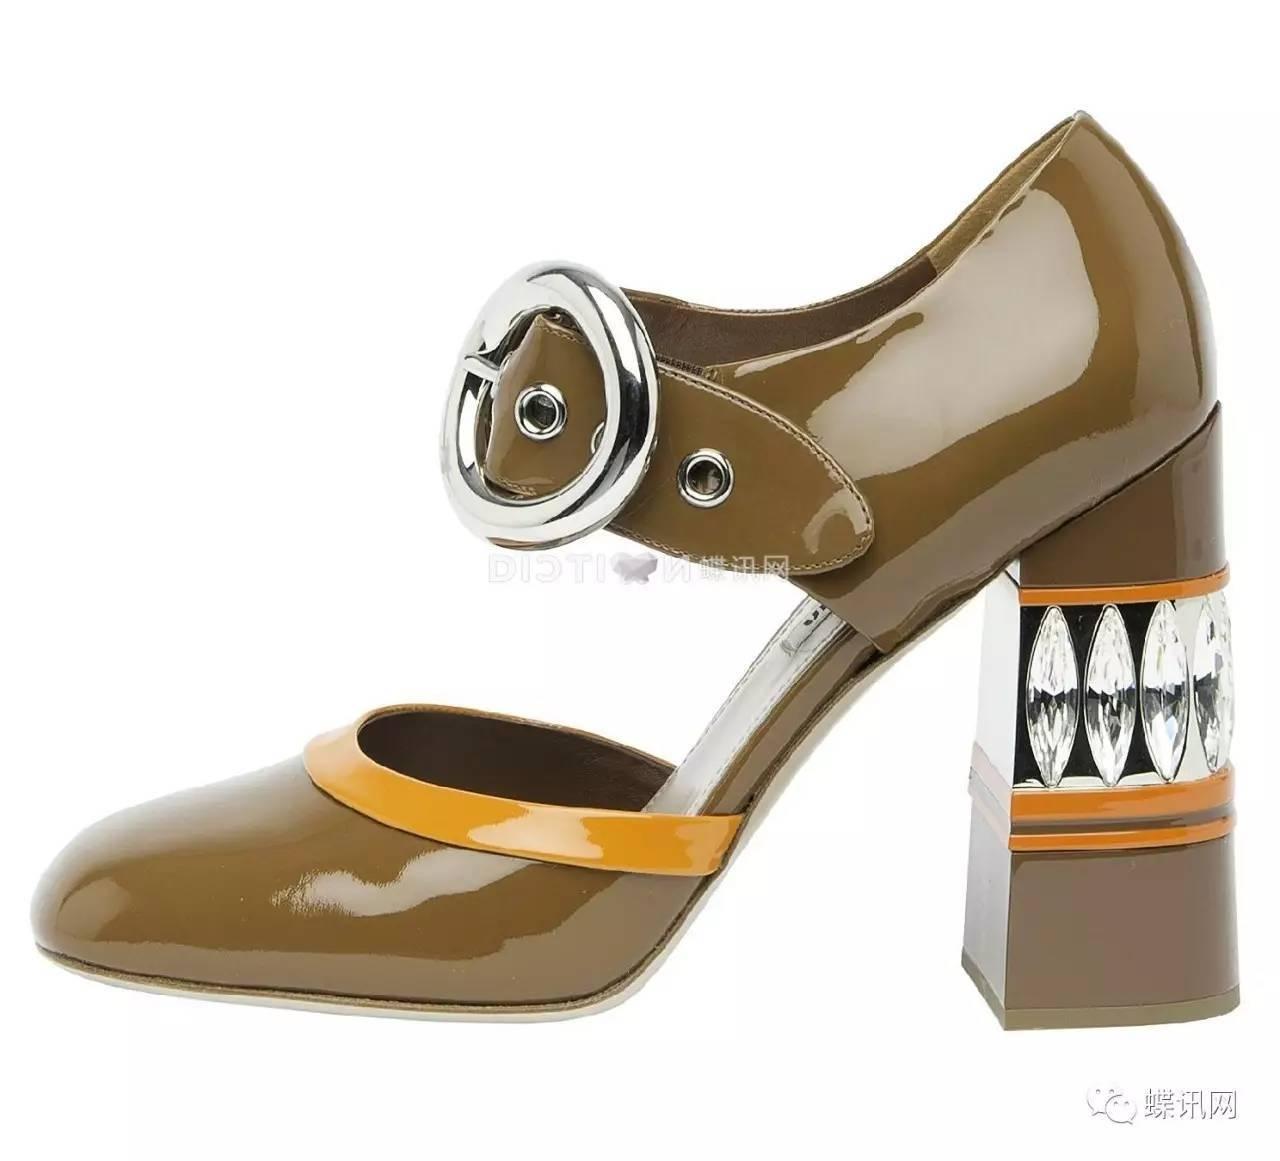 乐器与鞋子结合会有更有趣的联想,爱好文艺的姑娘一定不能错过.图片